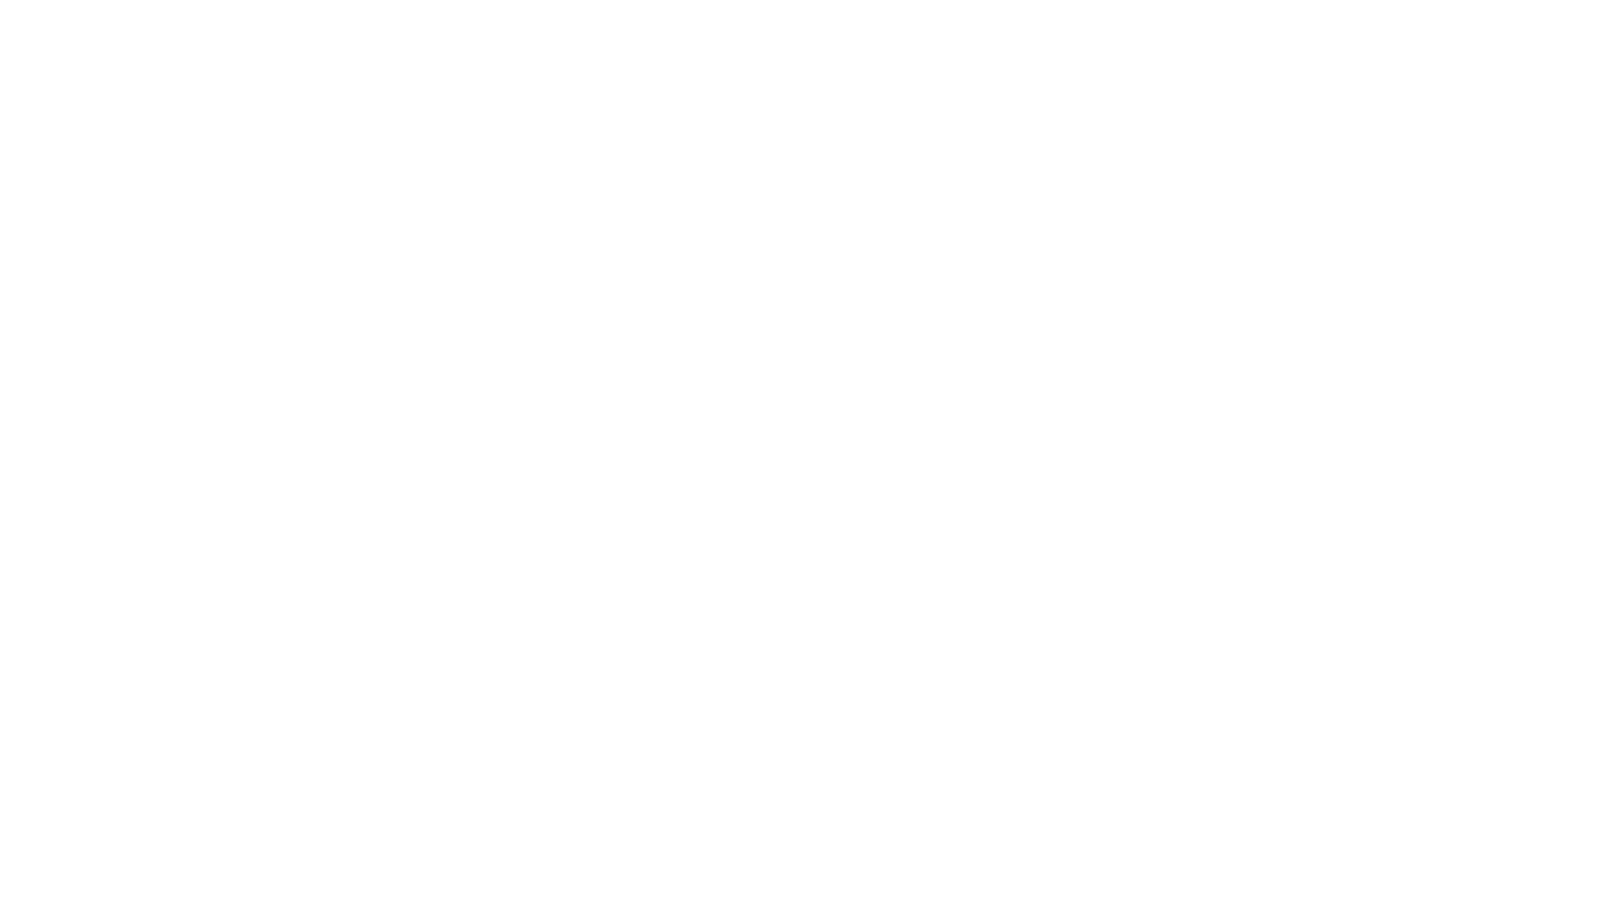 El secreto de una vida saludable y llena de energía se encuentra en una alimentación balanceada y acorde a nuestro grupo sanguíneo;  ya que de esa forma mantendremos nuestro organismo libre de la Inflamación crónica de bajo grado promotora de enfermedades crónico degenerativas y autoinmunes.   informes www.pinoliyo.com.  Tel 55 2305 6988 y 55 1919 9302.